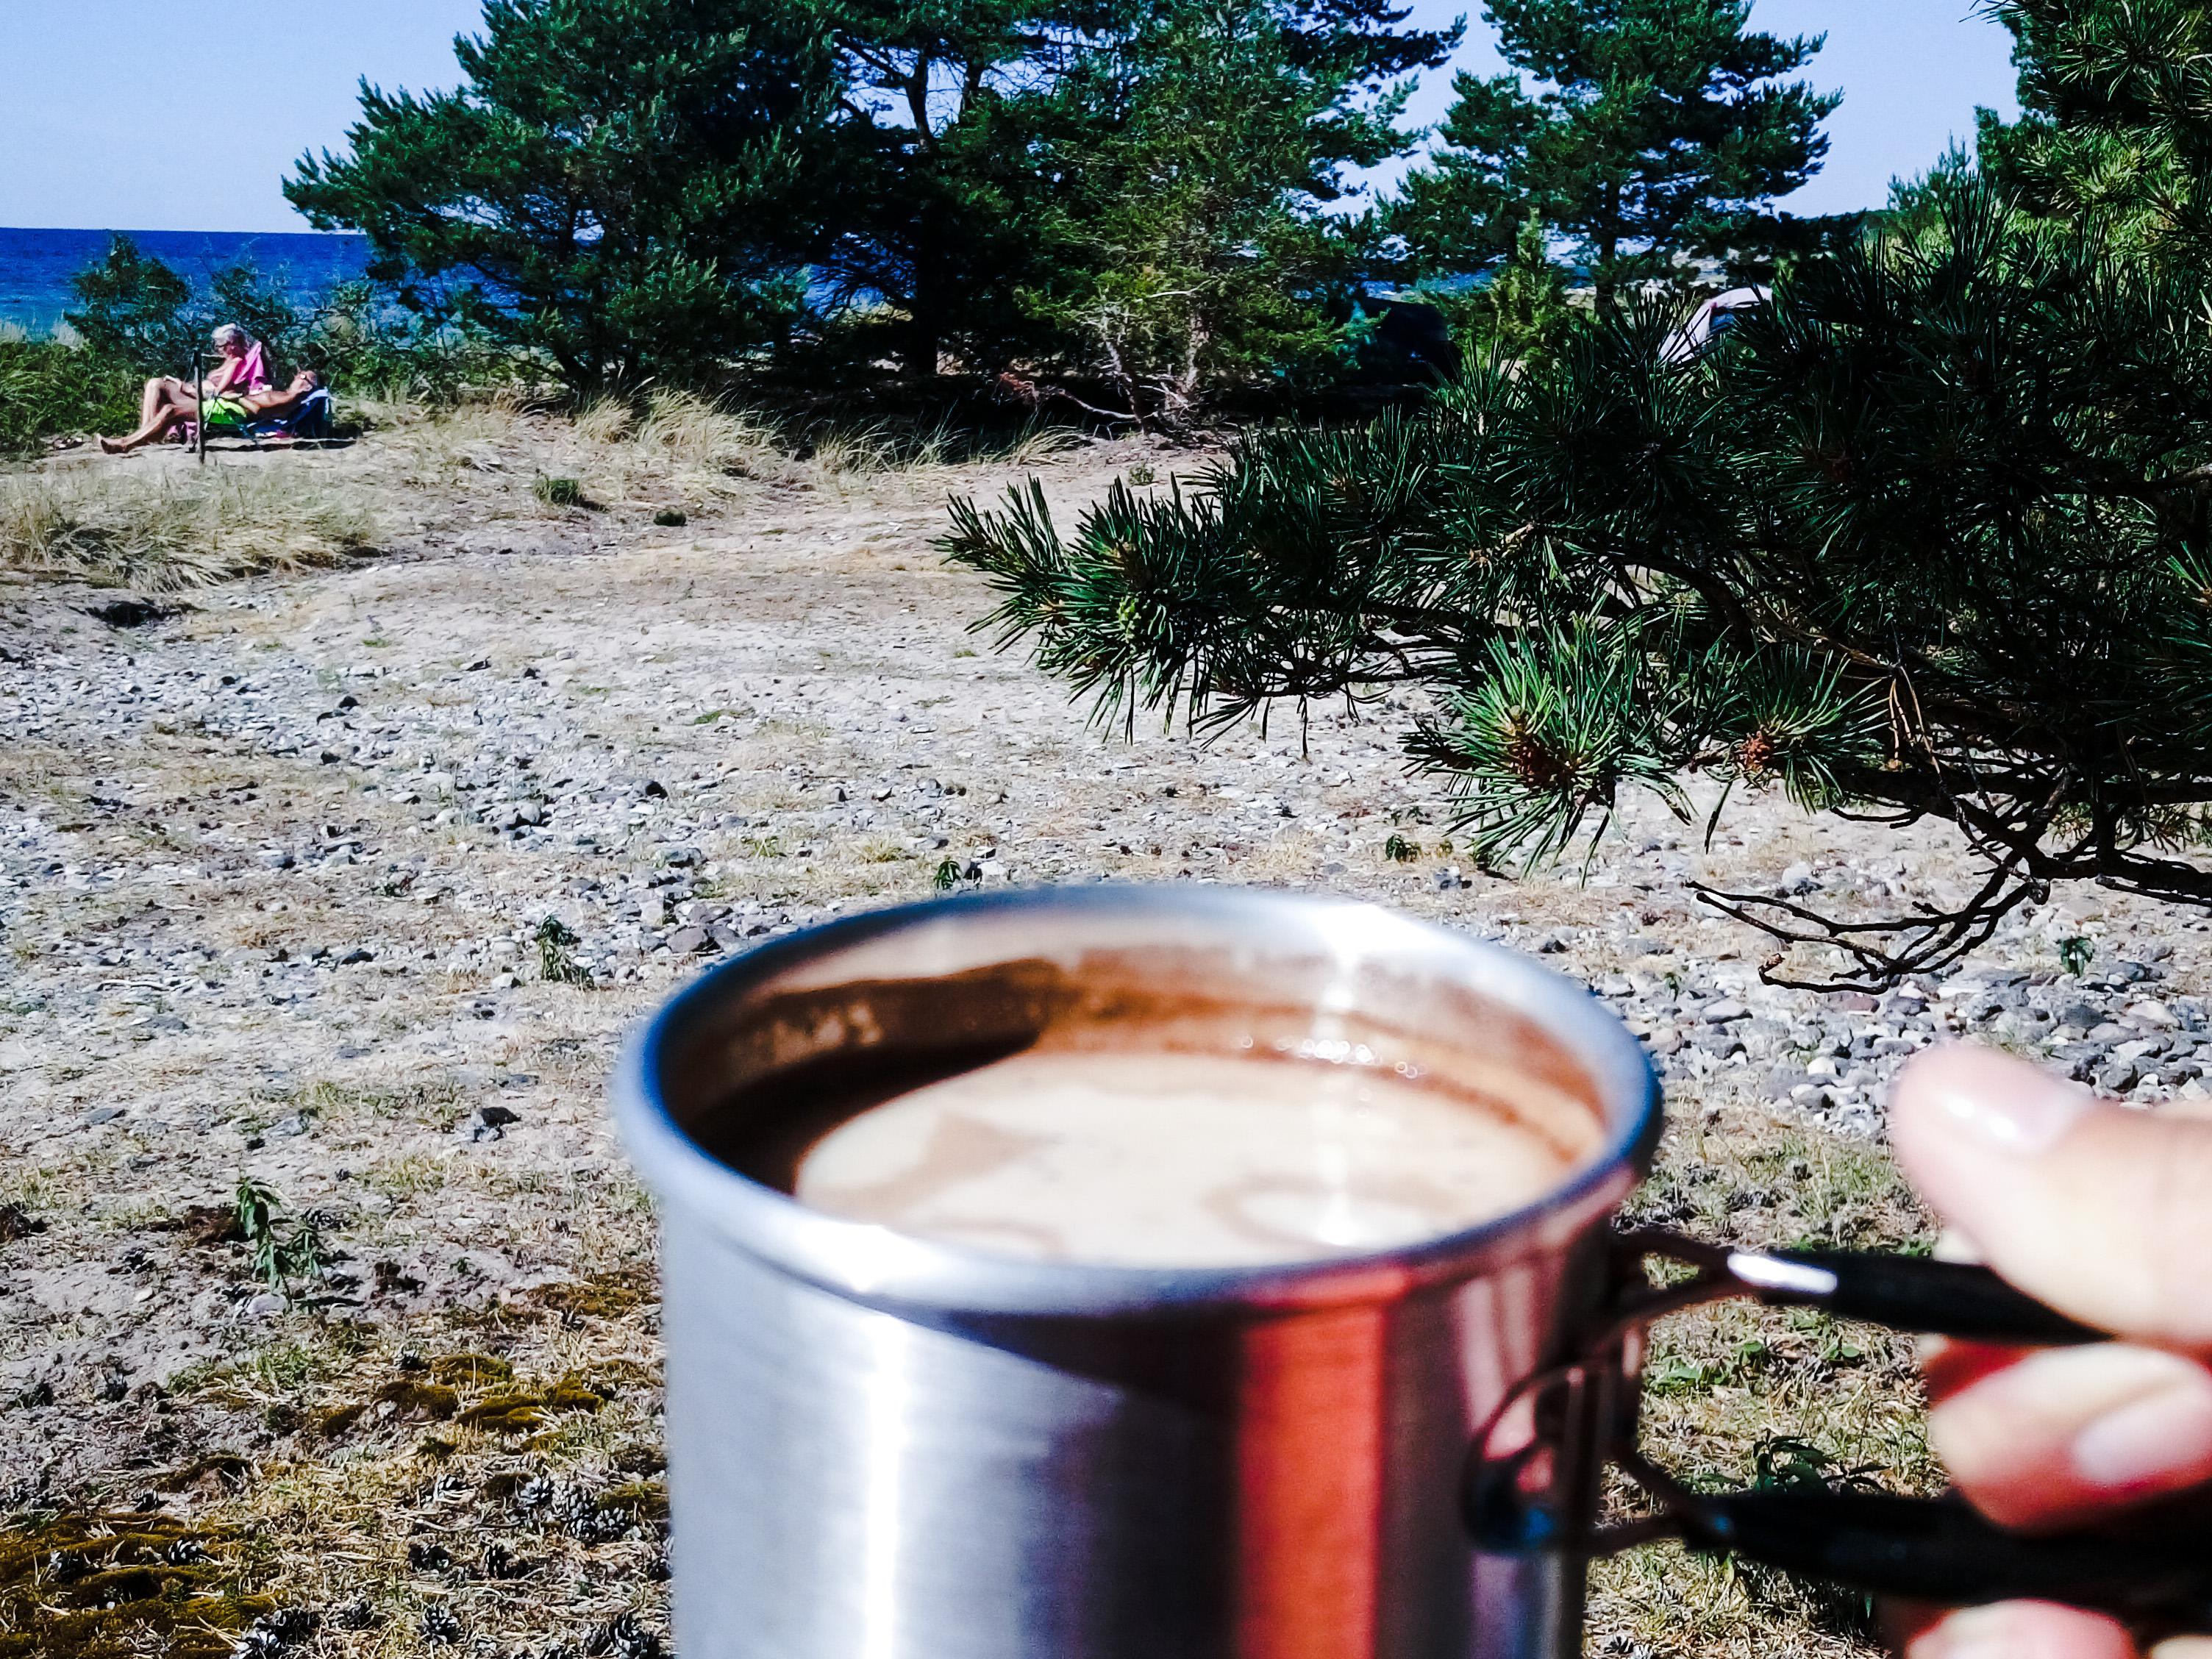 kaffe på sigsarve beach_edited